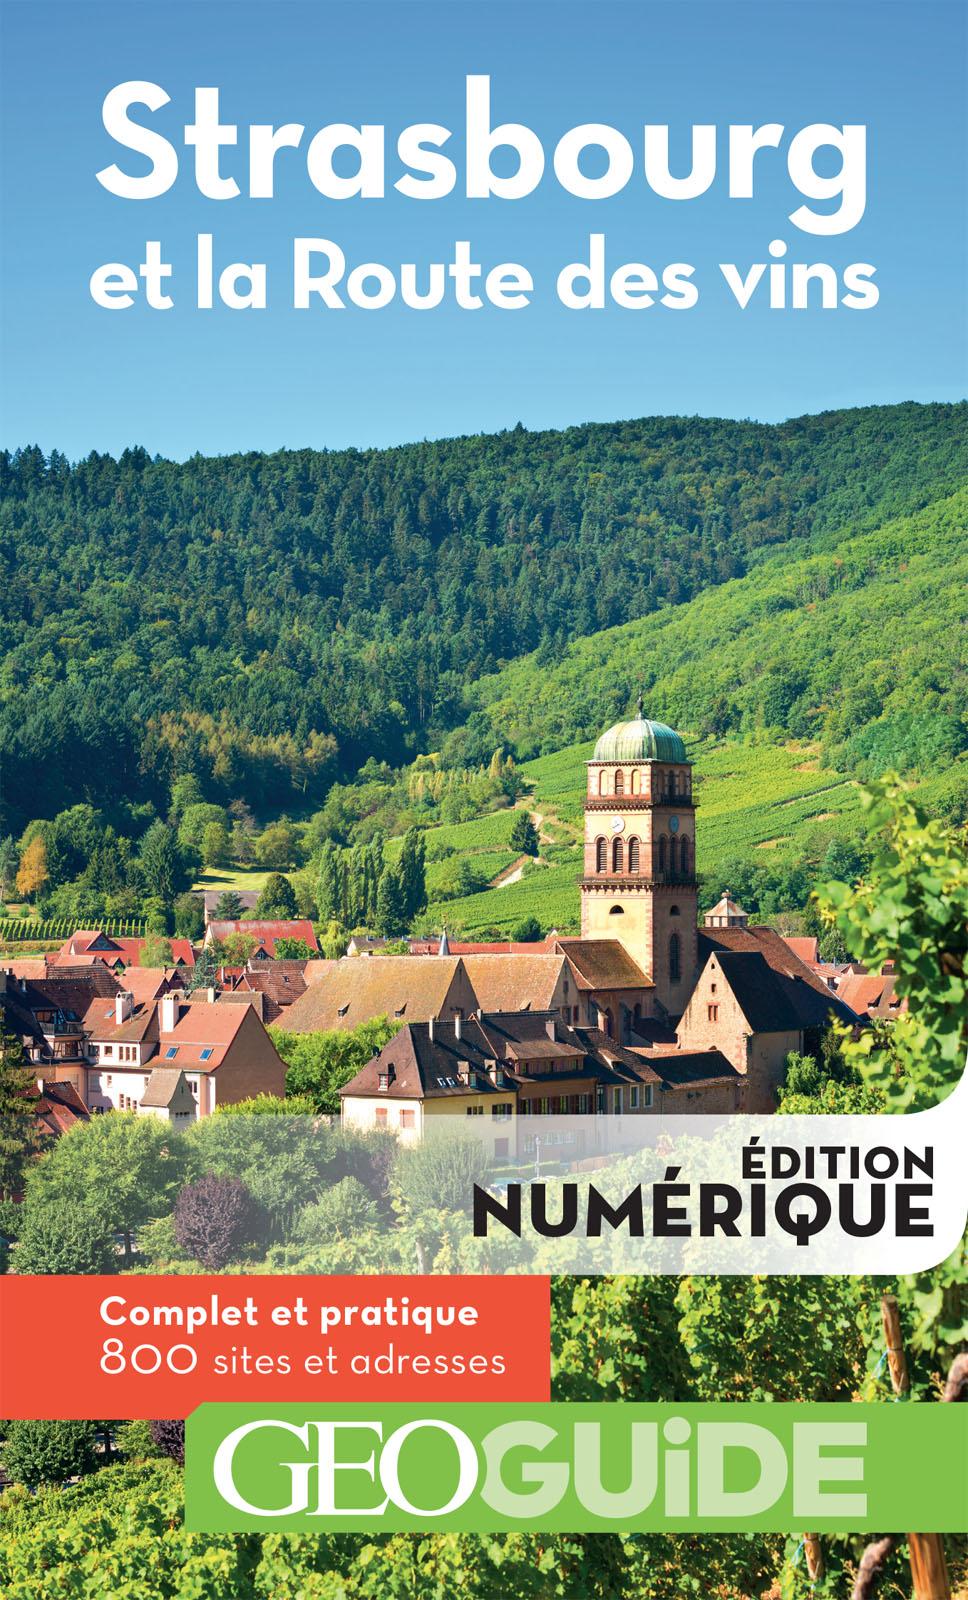 GEOguide Strasbourg et la route des vins